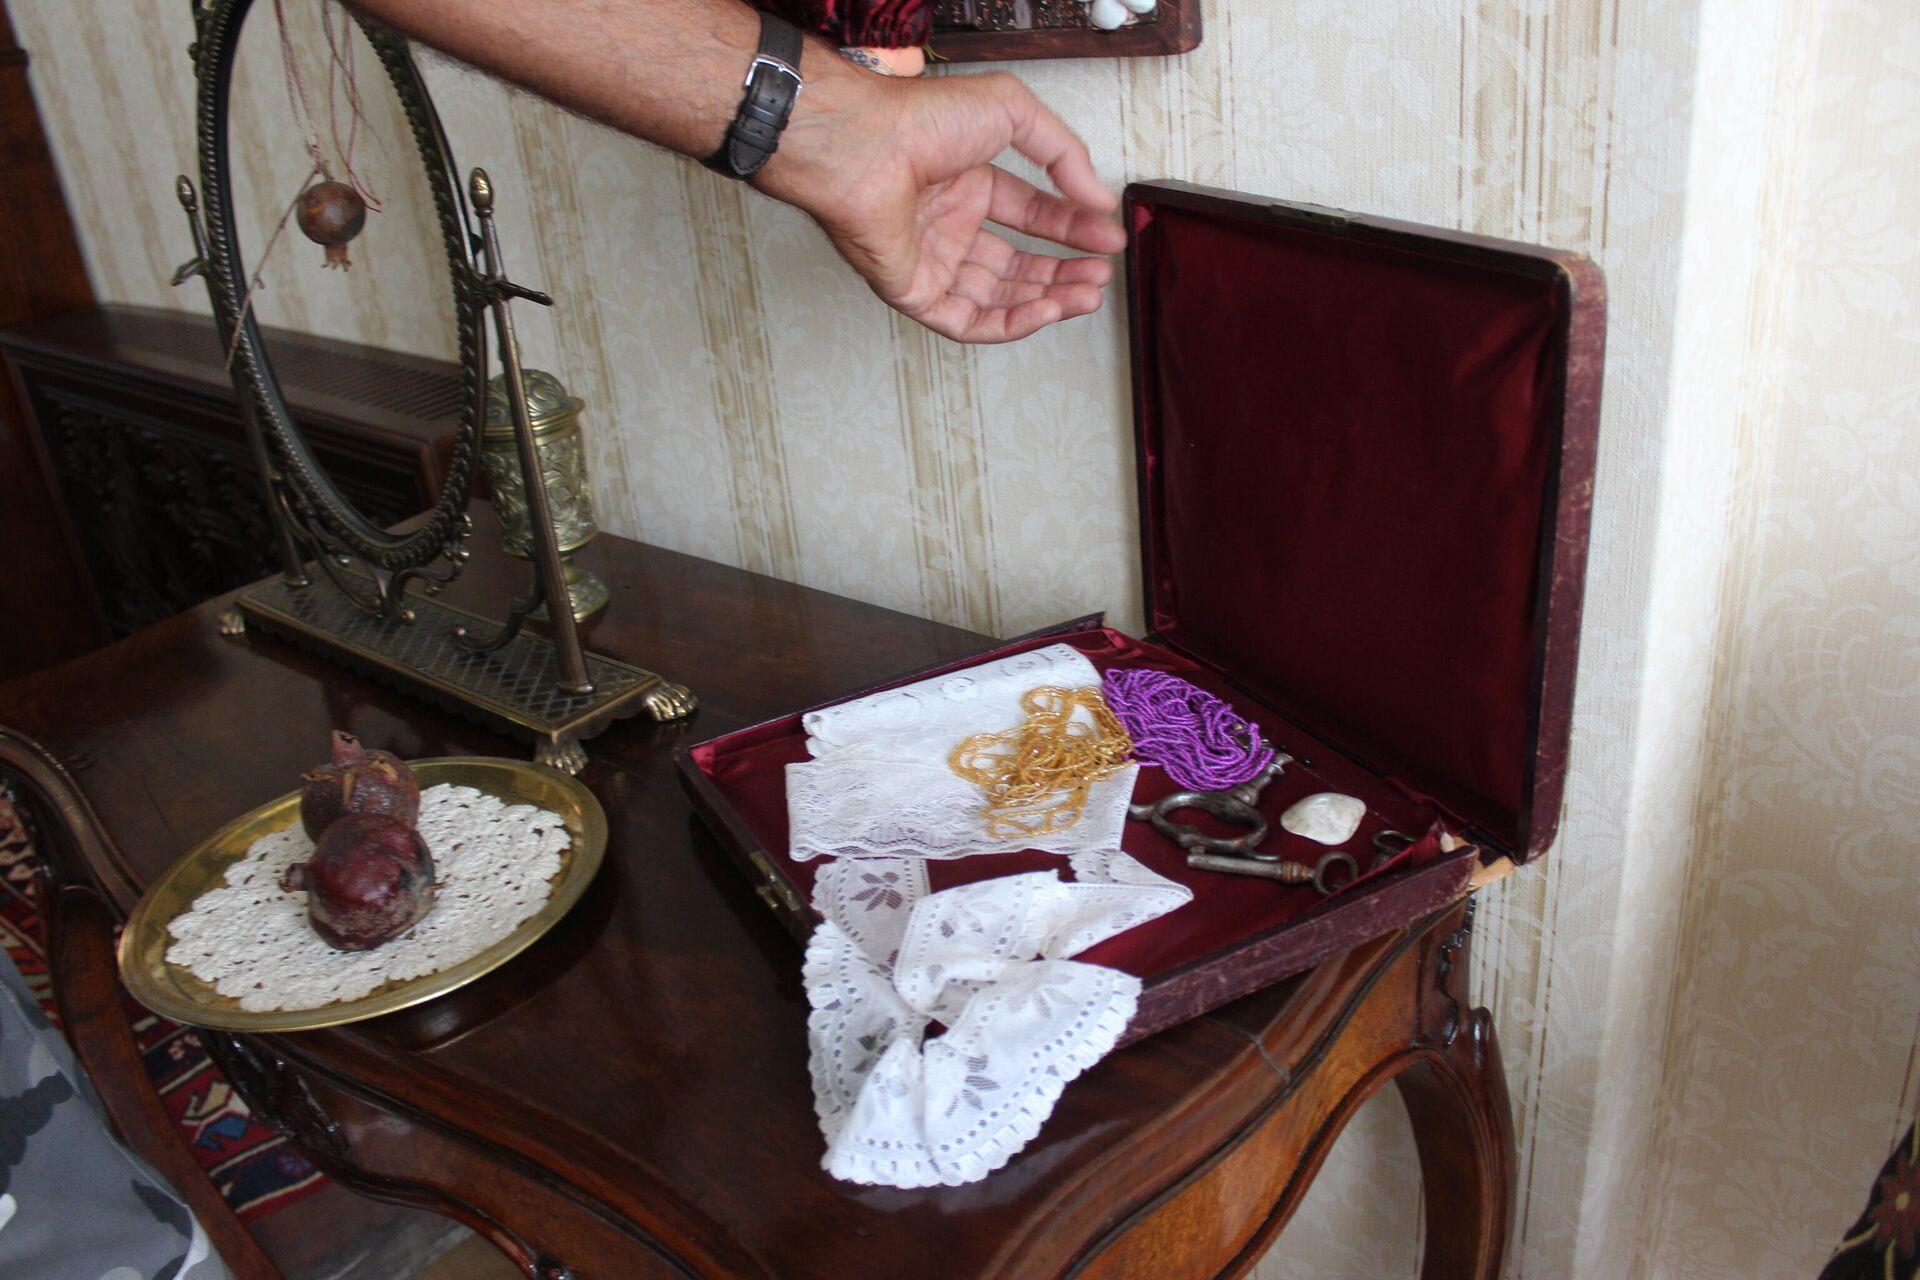 В этой узкой шкатулке с бархатным дном режиссер обнаружил ключи и бусы - Sputnik Грузия, 1920, 16.09.2021